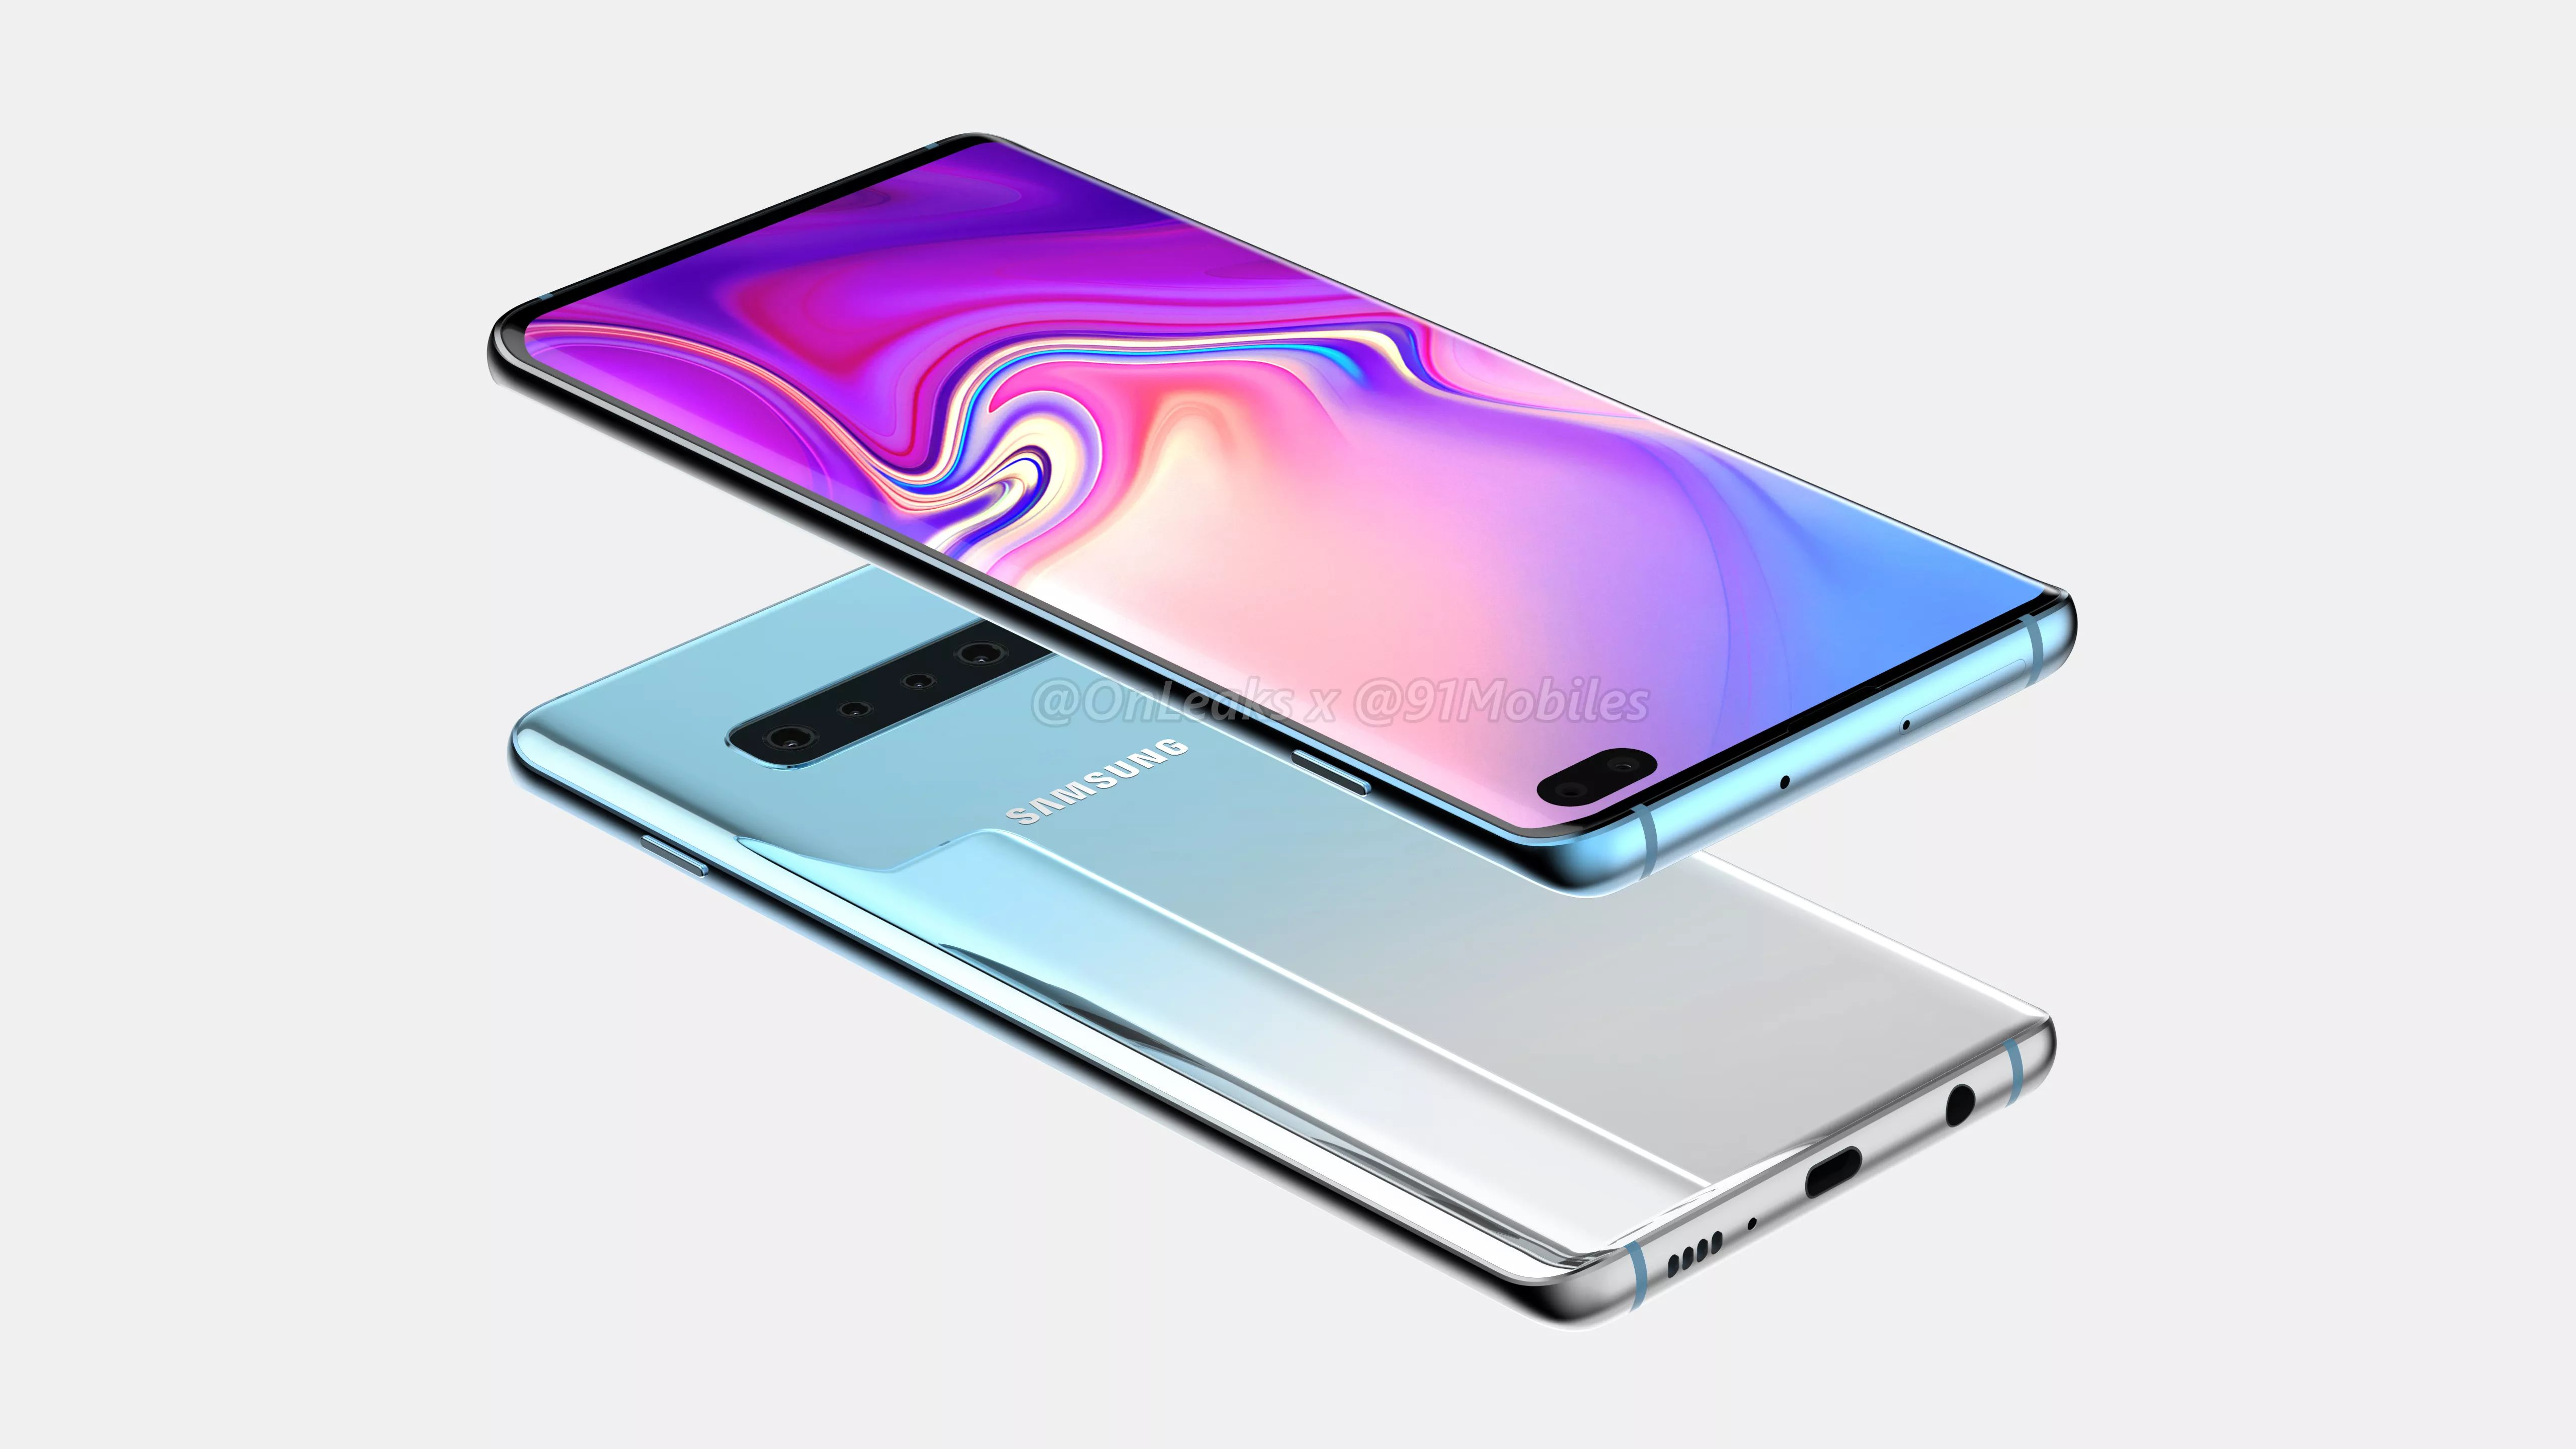 """Tabletowo.pl Zmiana planów: Samsung Galaxy S10+ będzie miał jednak aż sześć aparatów, a nie """"tylko"""" pięć Android Plotki / Przecieki Samsung Smartfony"""